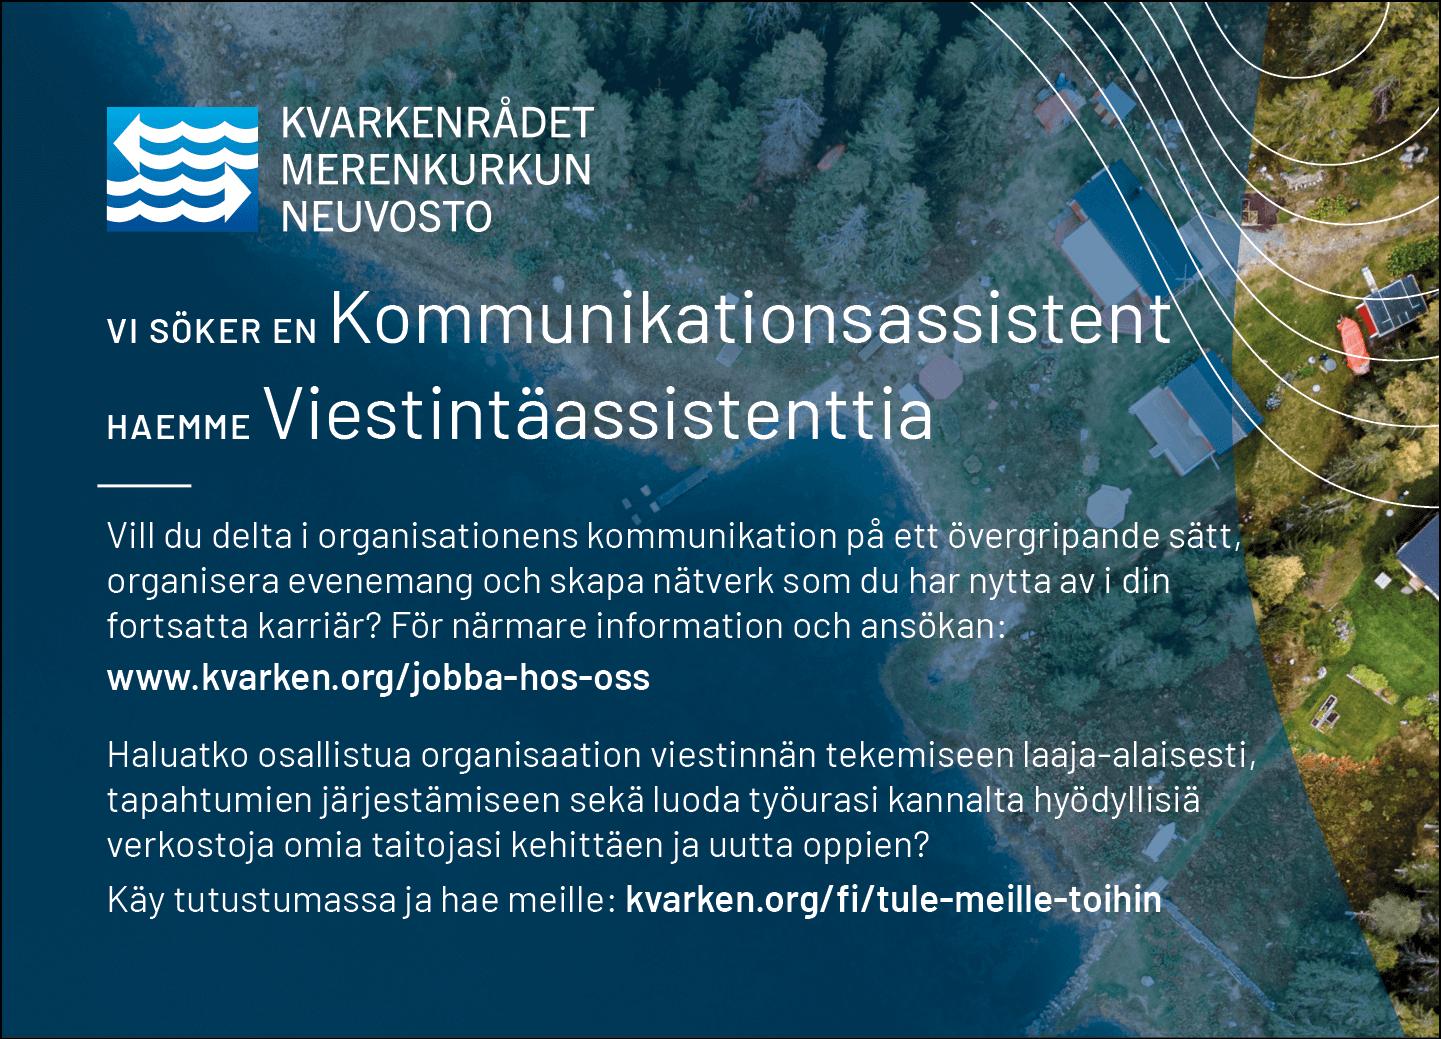 Annons_122x88_Kvarkenradet_komm assistent_2021-2 2